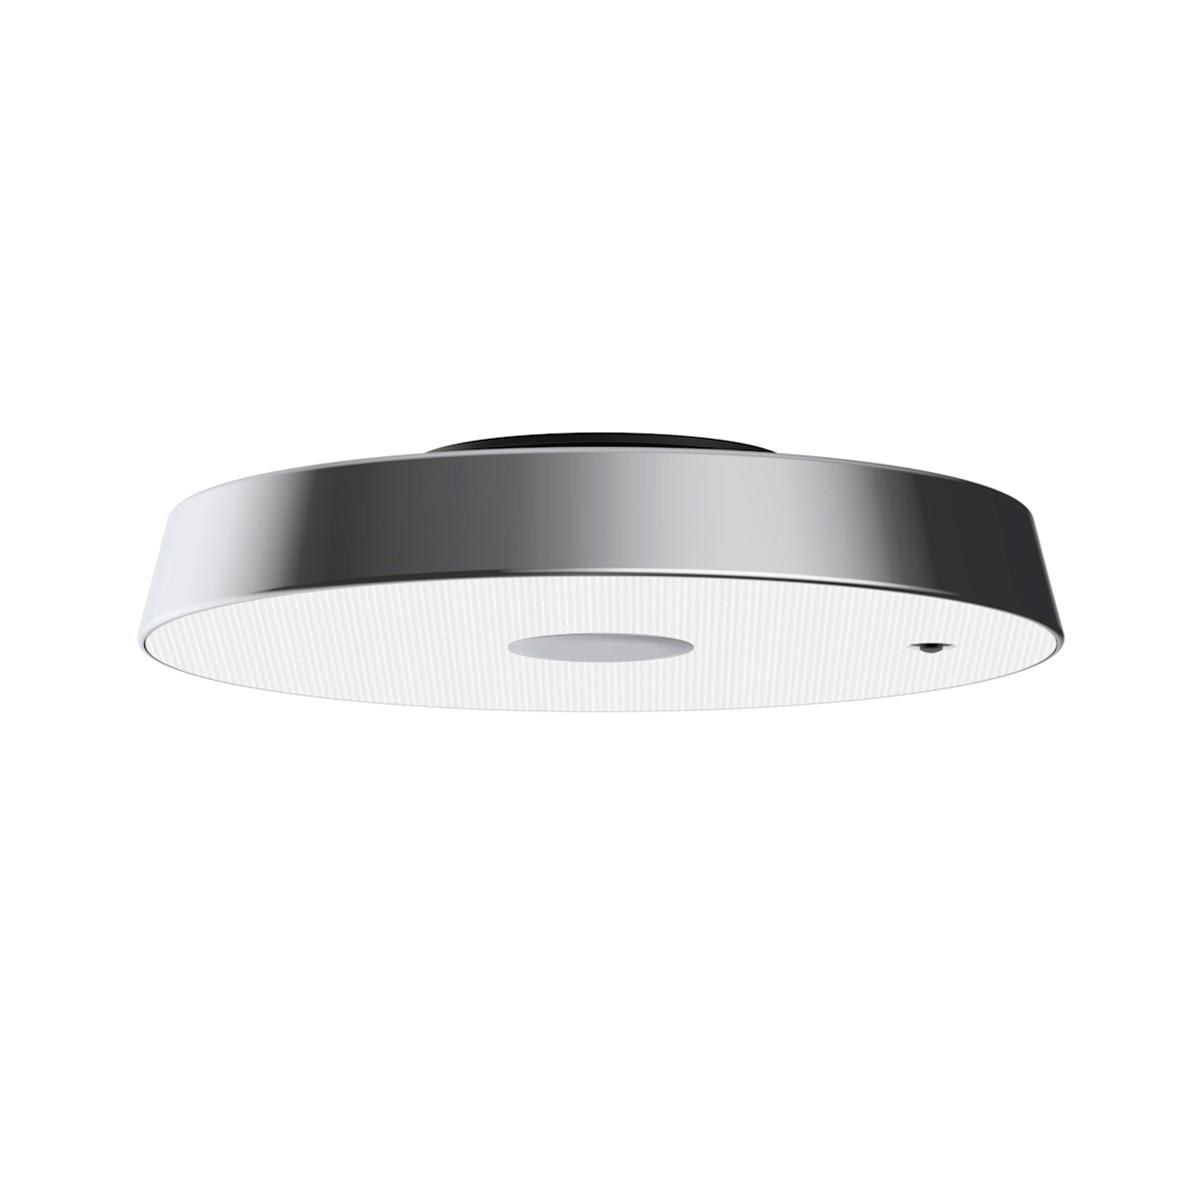 Belux Koi-S LED Deckenleuchte, Multisens, 3000K, Chrom